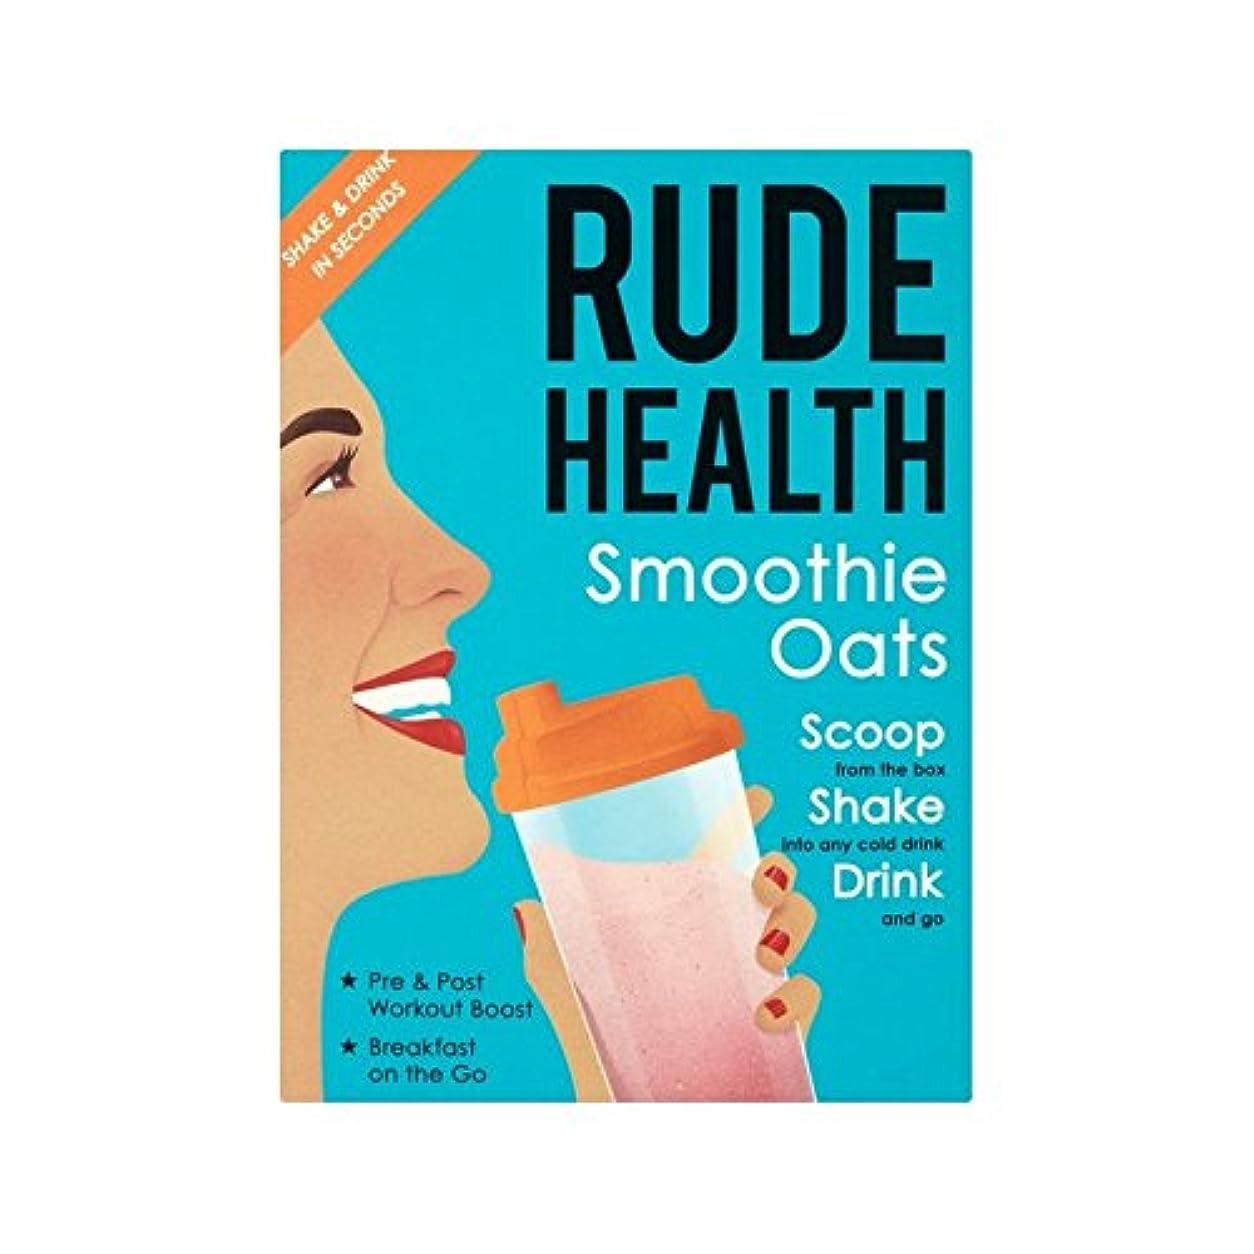 昨日失望塗抹スムージーオート麦250グラム (Rude Health) (x 2) - Rude Health Smoothie Oats 250g (Pack of 2) [並行輸入品]